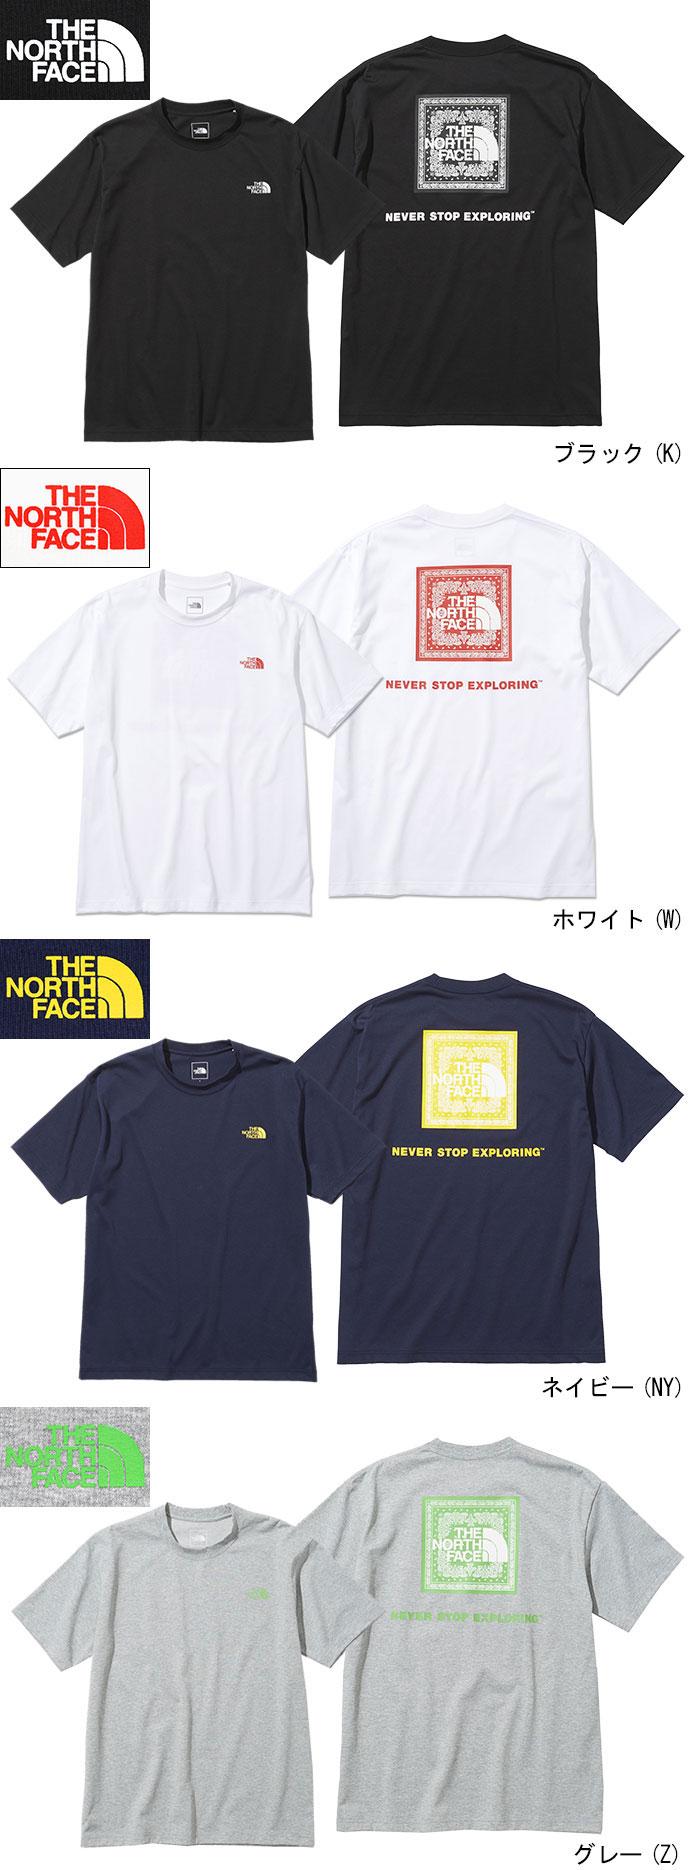 THE NORTH FACEザ ノースフェイスのTシャツ Bandana Square Logo12